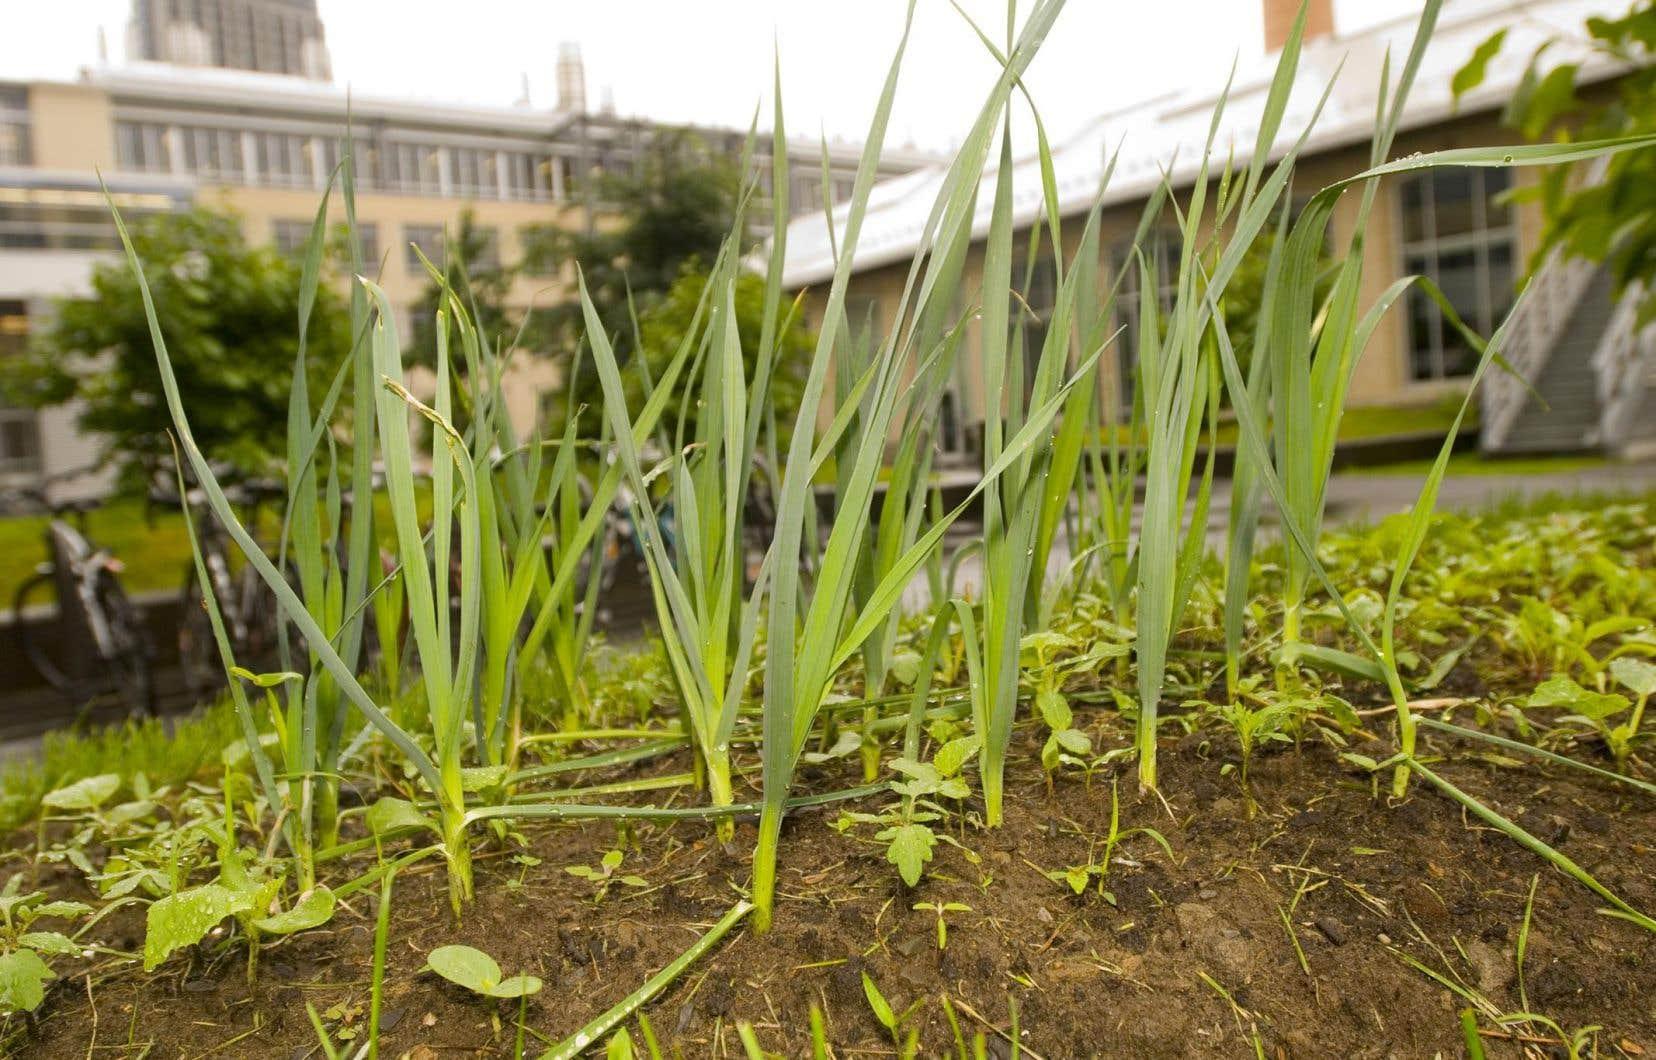 L'interaction sol/plantes est souvent peu considérée dans l'entretien des espaces verts urbains.